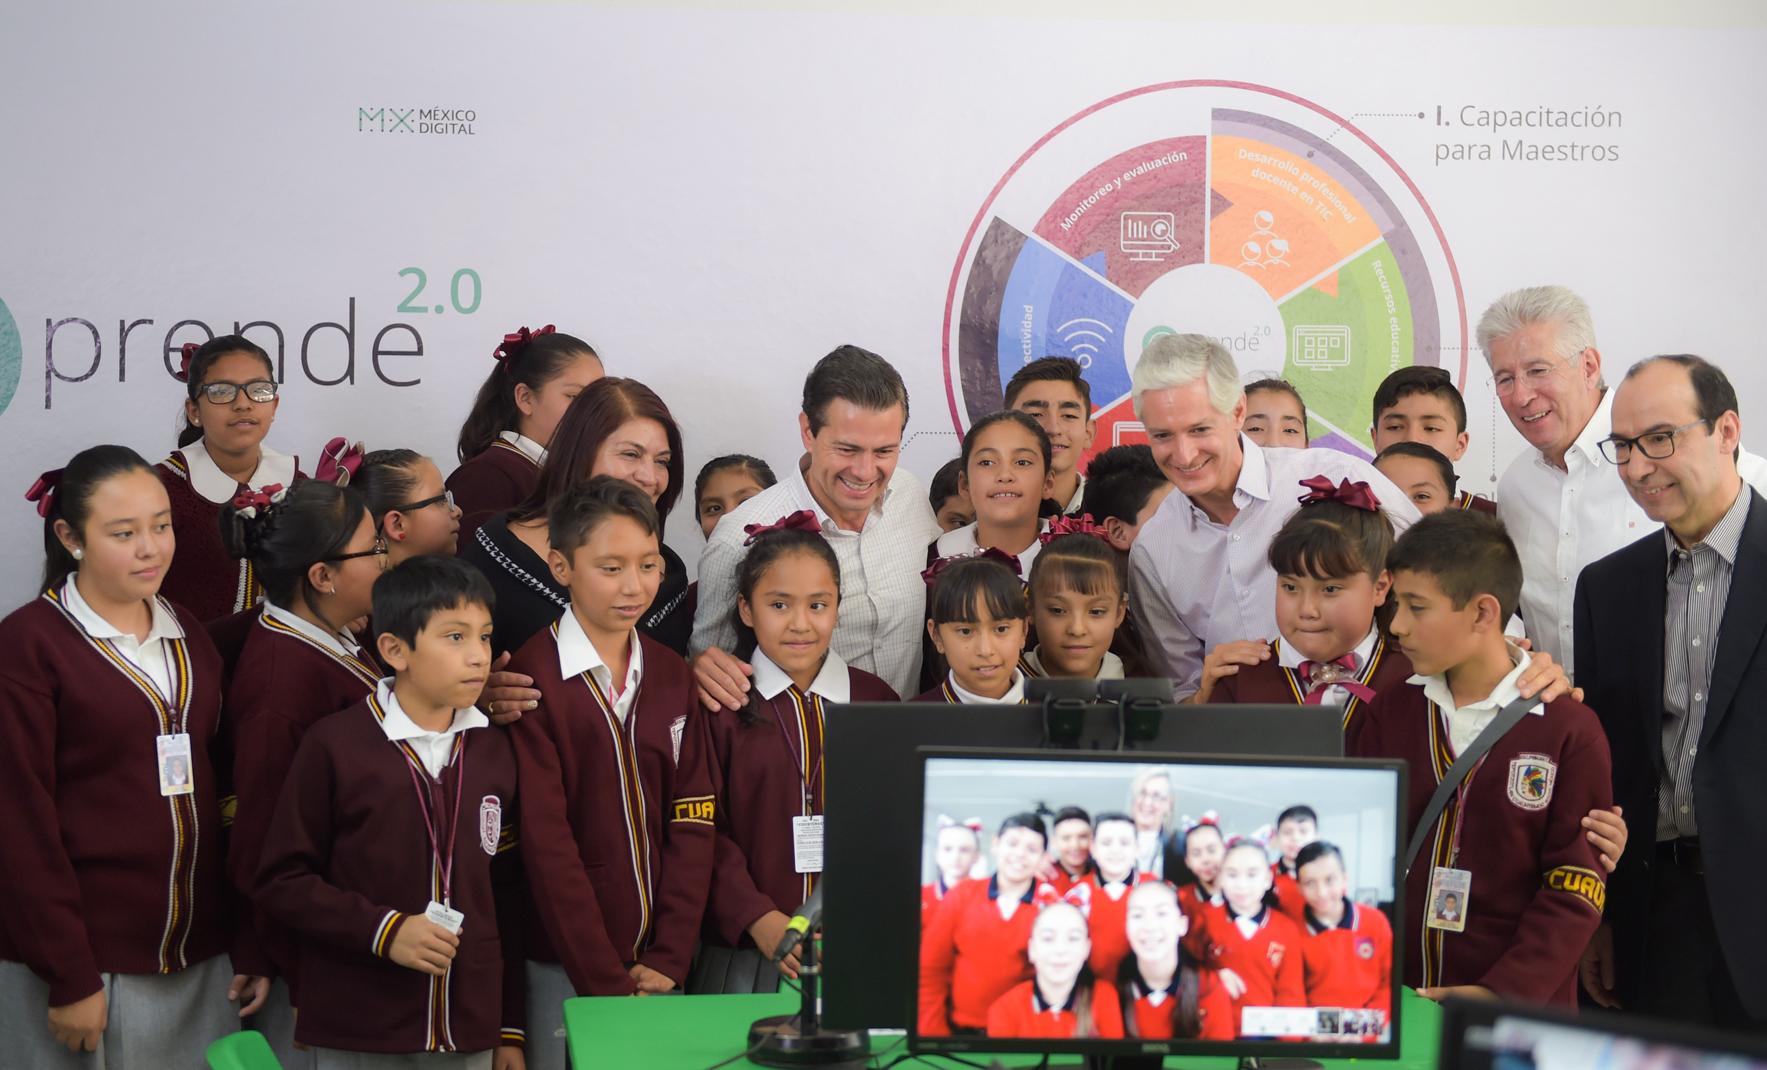 Educación y conectividad para el desarrollo de habilidades digitales